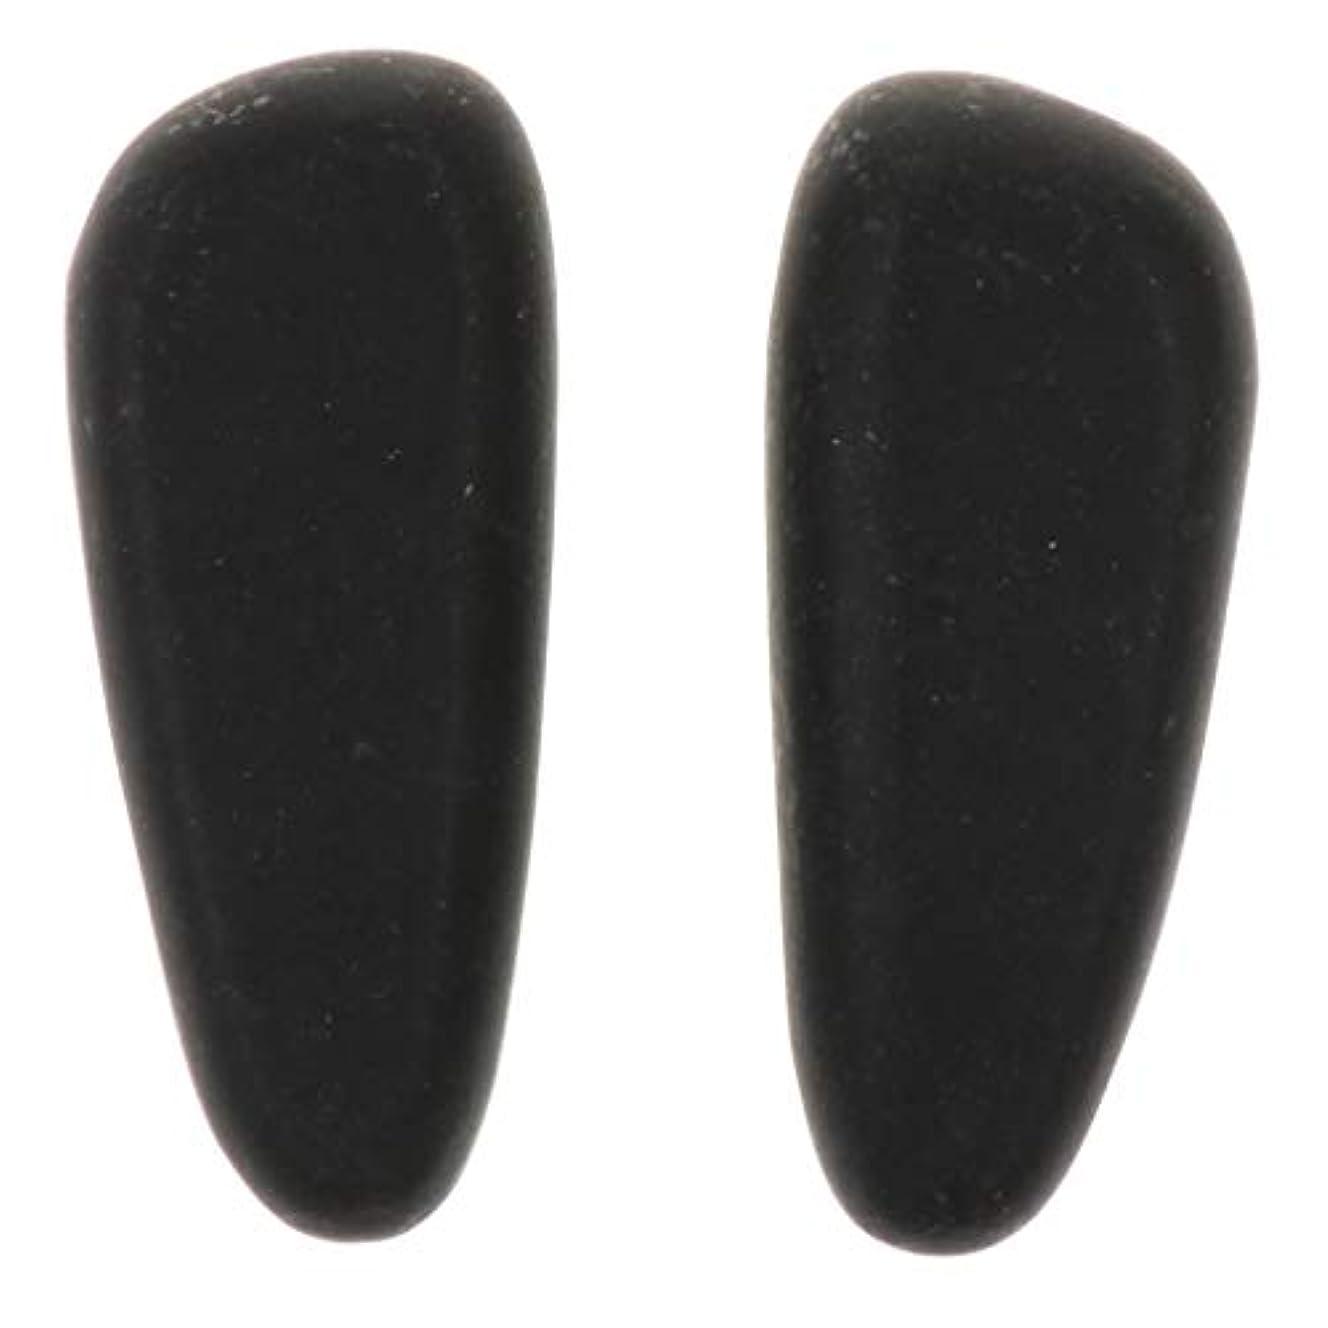 それにもかかわらず個性海里SM SunniMix 天然石ホットストーン マッサージ用玄武岩 マッサージストーン マッサージ石 ボディマッサージ 2個 全2サイズ - 8×3.2×2cm